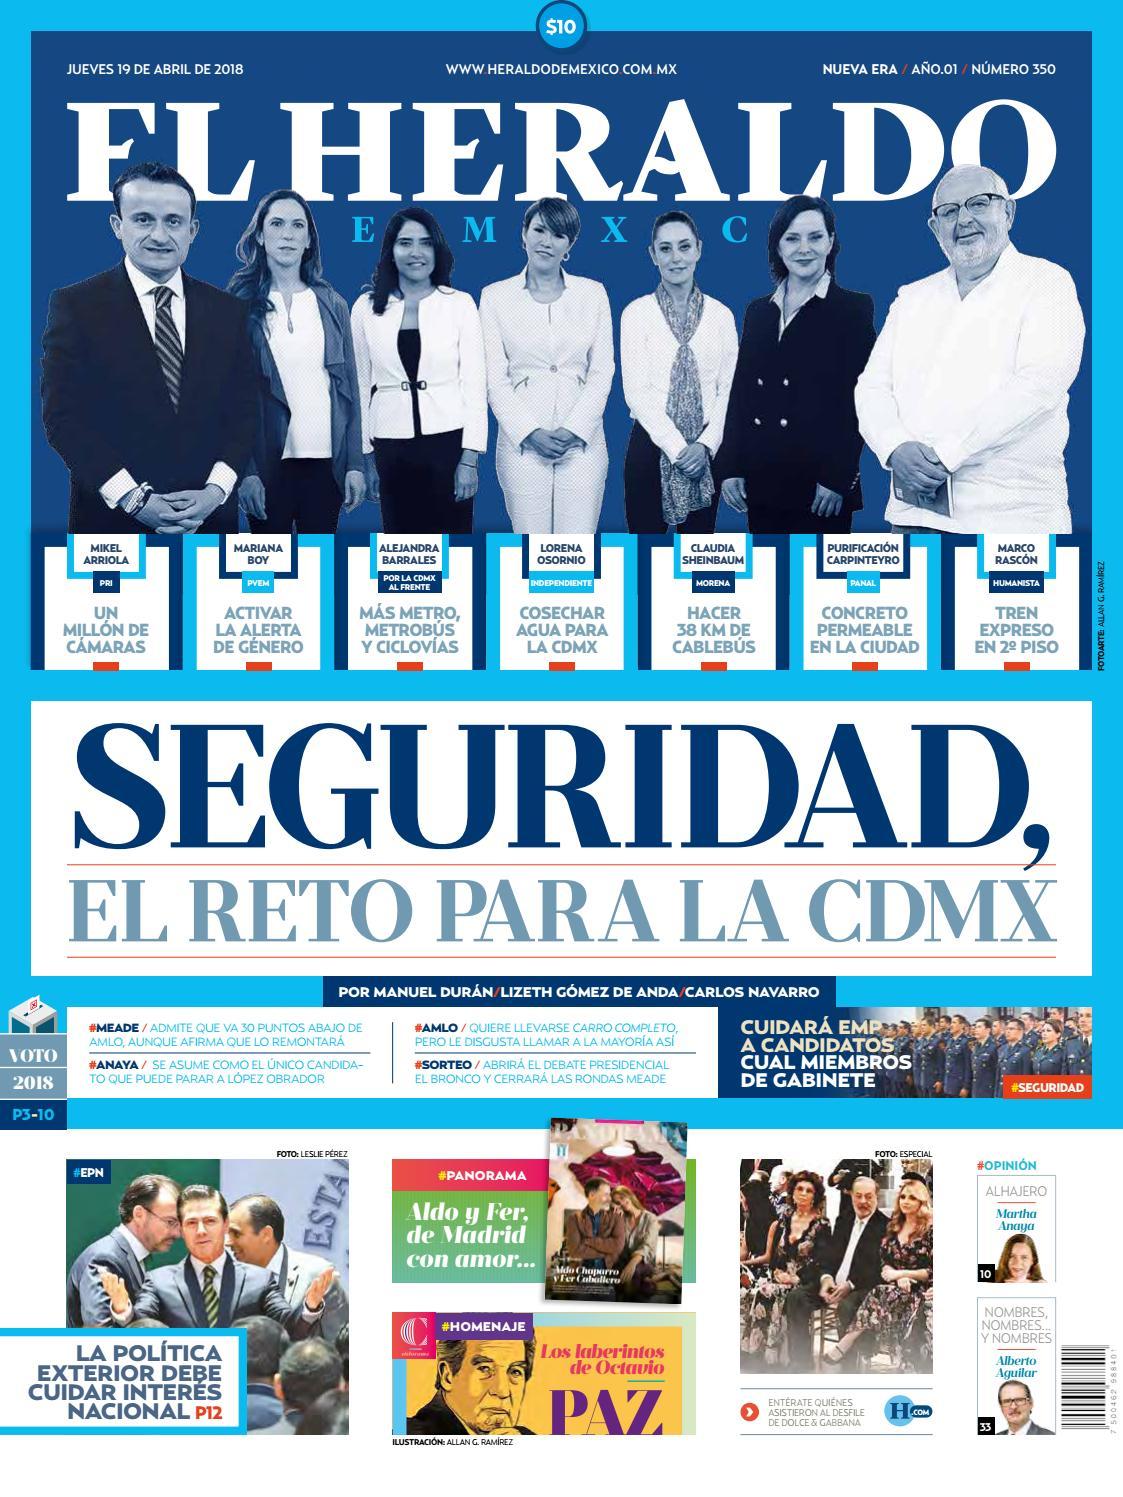 df29ce2d85 El heraldo 19 de abril by El Heraldo de México - issuu